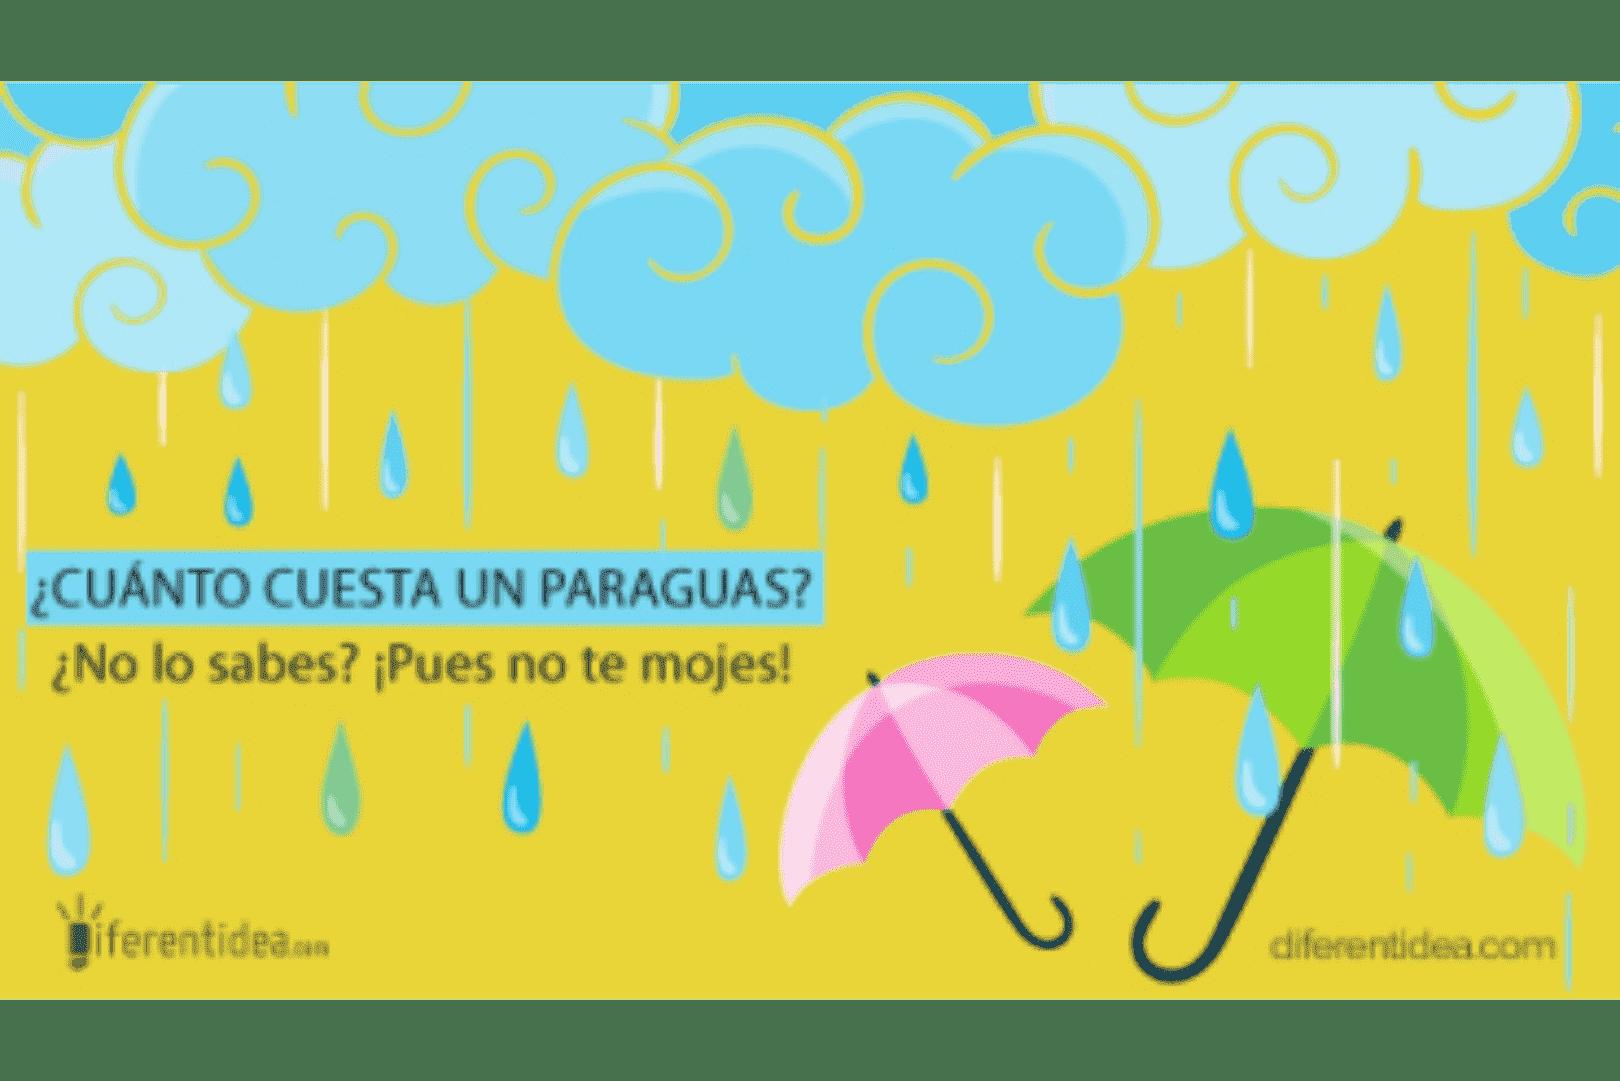 lg-b-cuanto-cuesta-un-paraguas